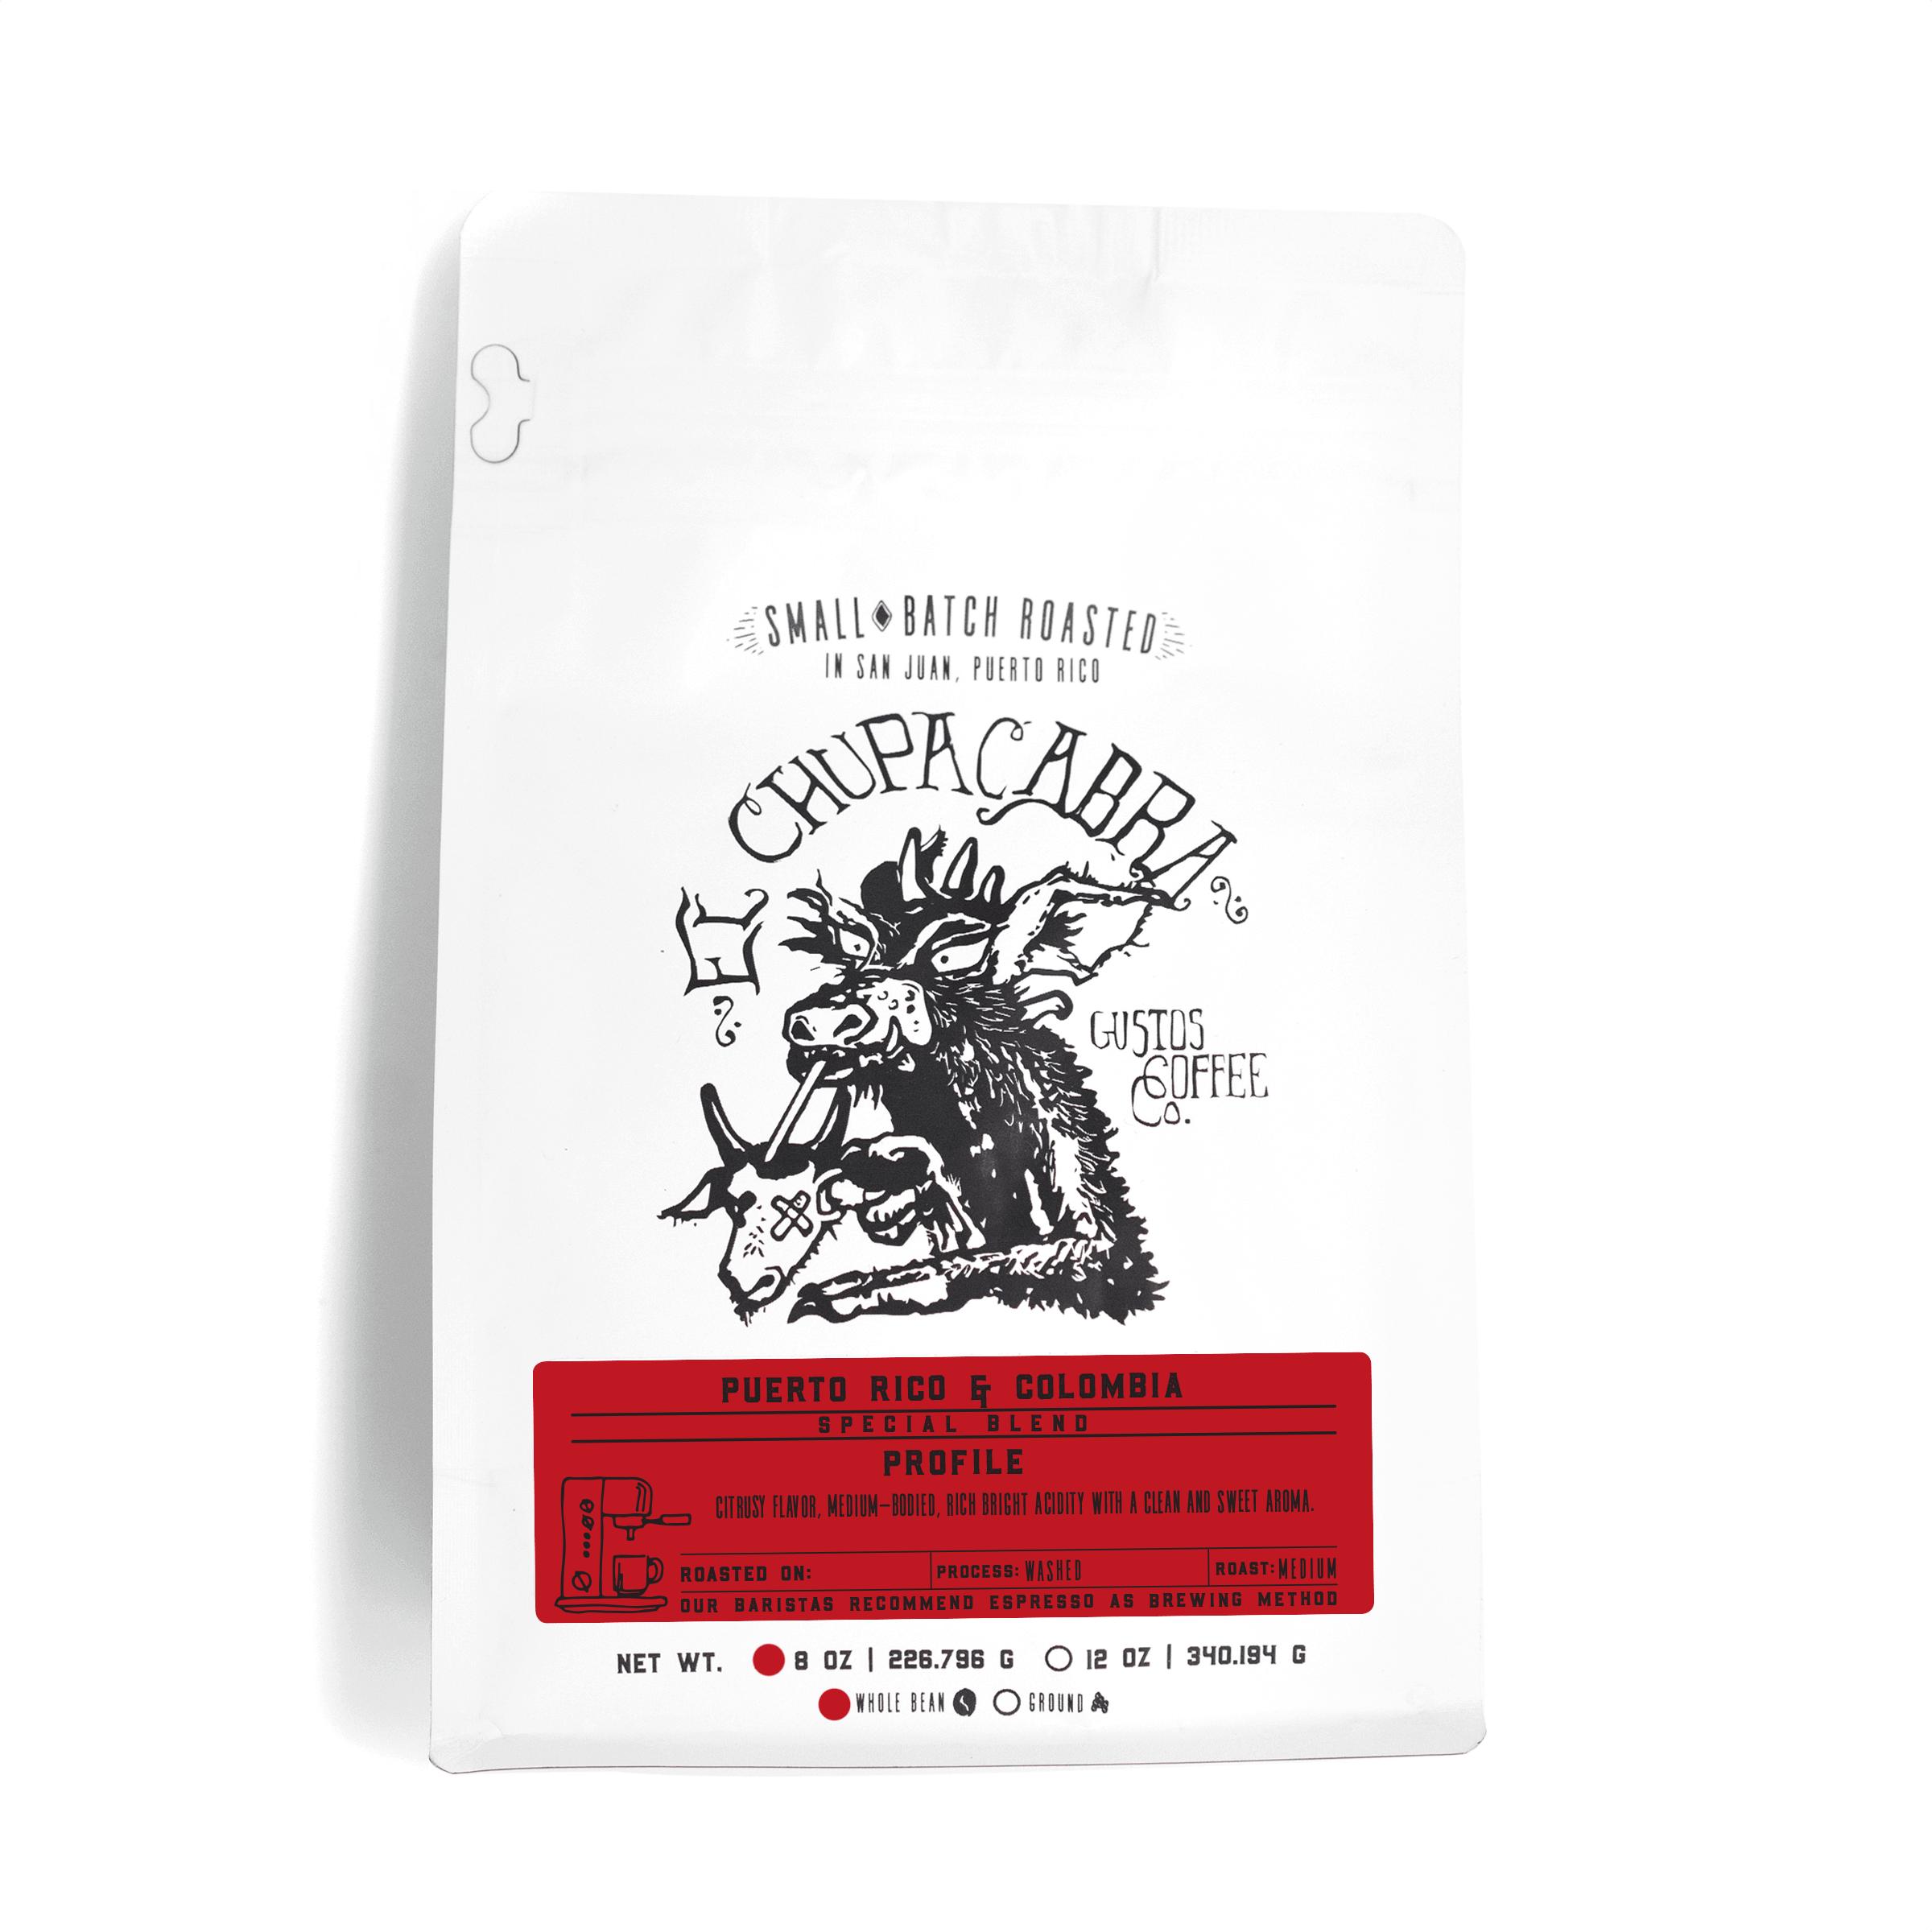 El Chupacabra Yauco Puerto Rico Specialty Coffee and Colombia 8oz Grano